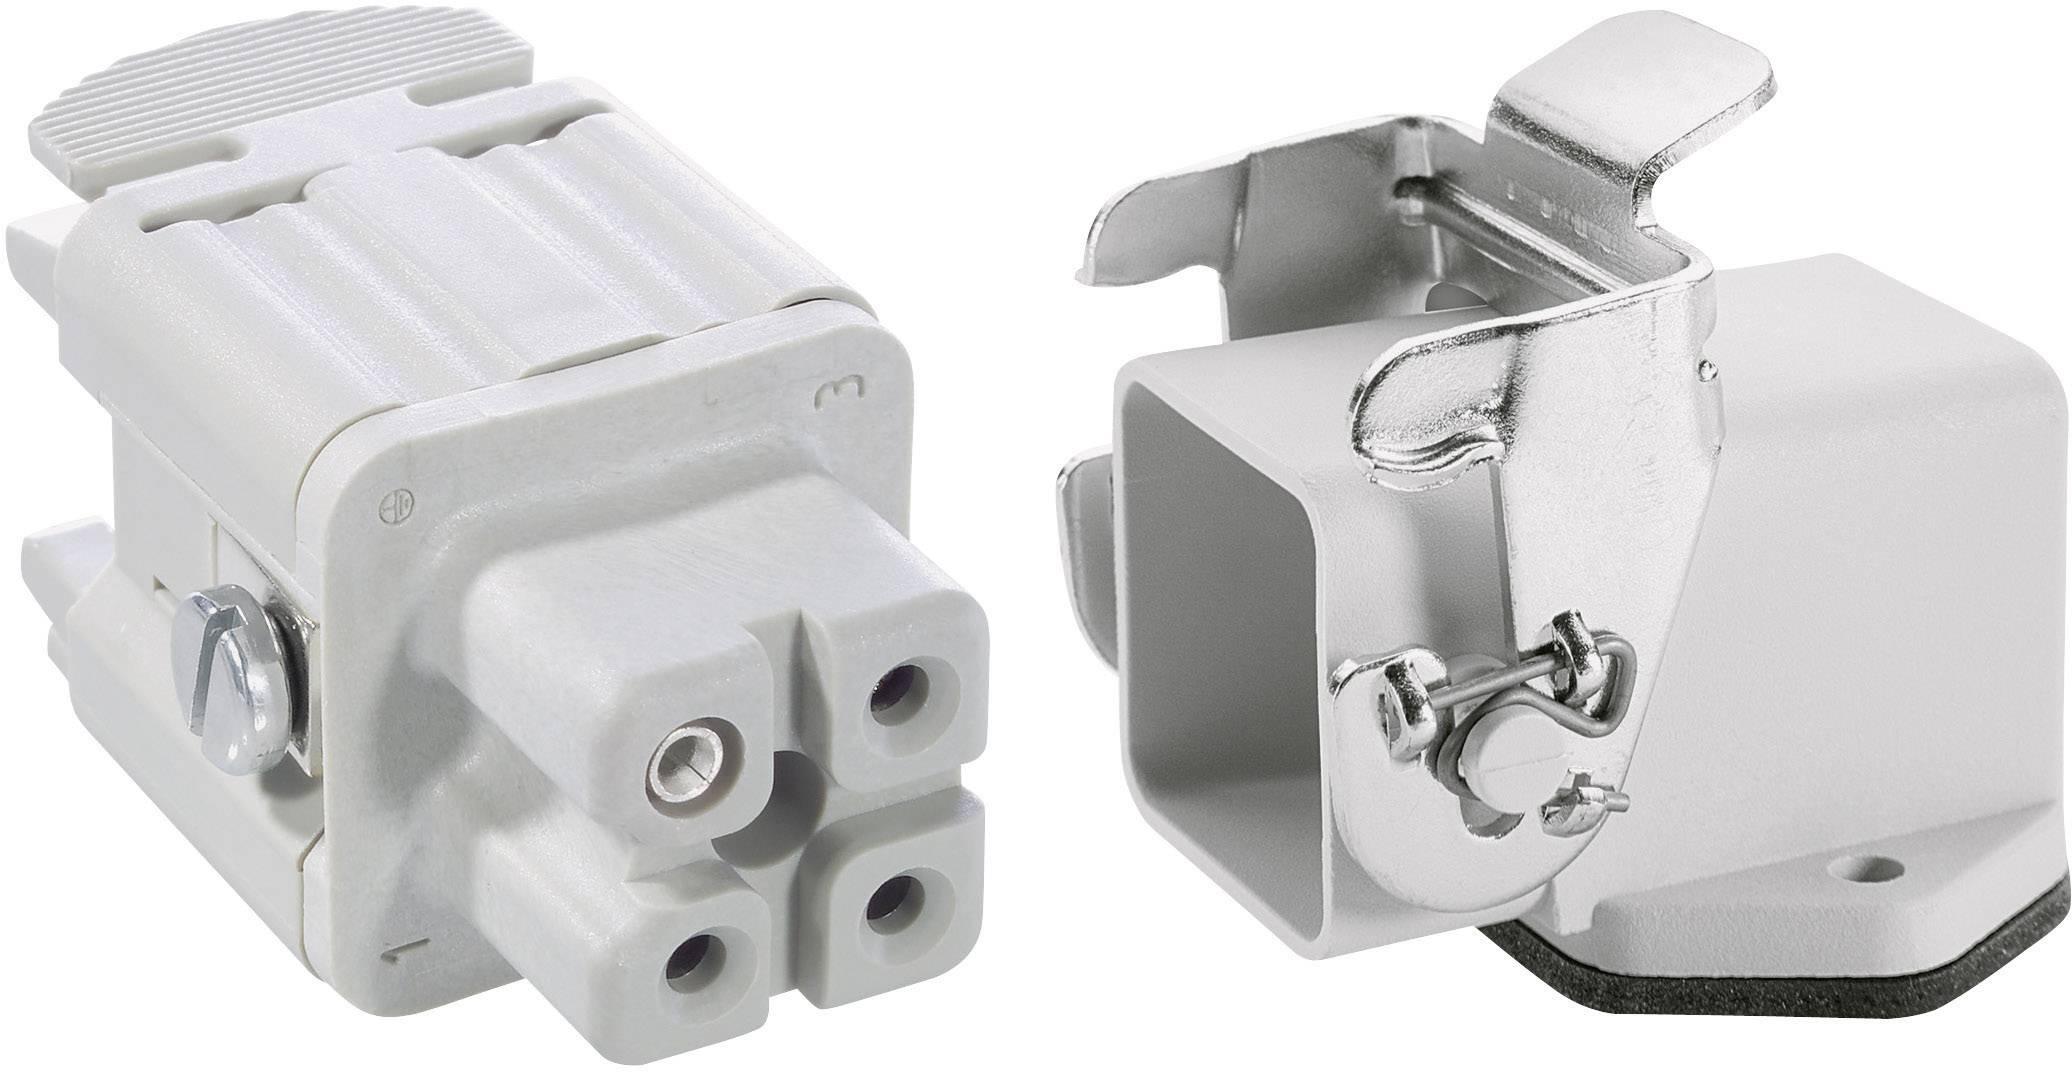 Sada konektorů EPIC®KIT H-A 3 75009607 LappKabel 3 + PE šroubovací 1 sada